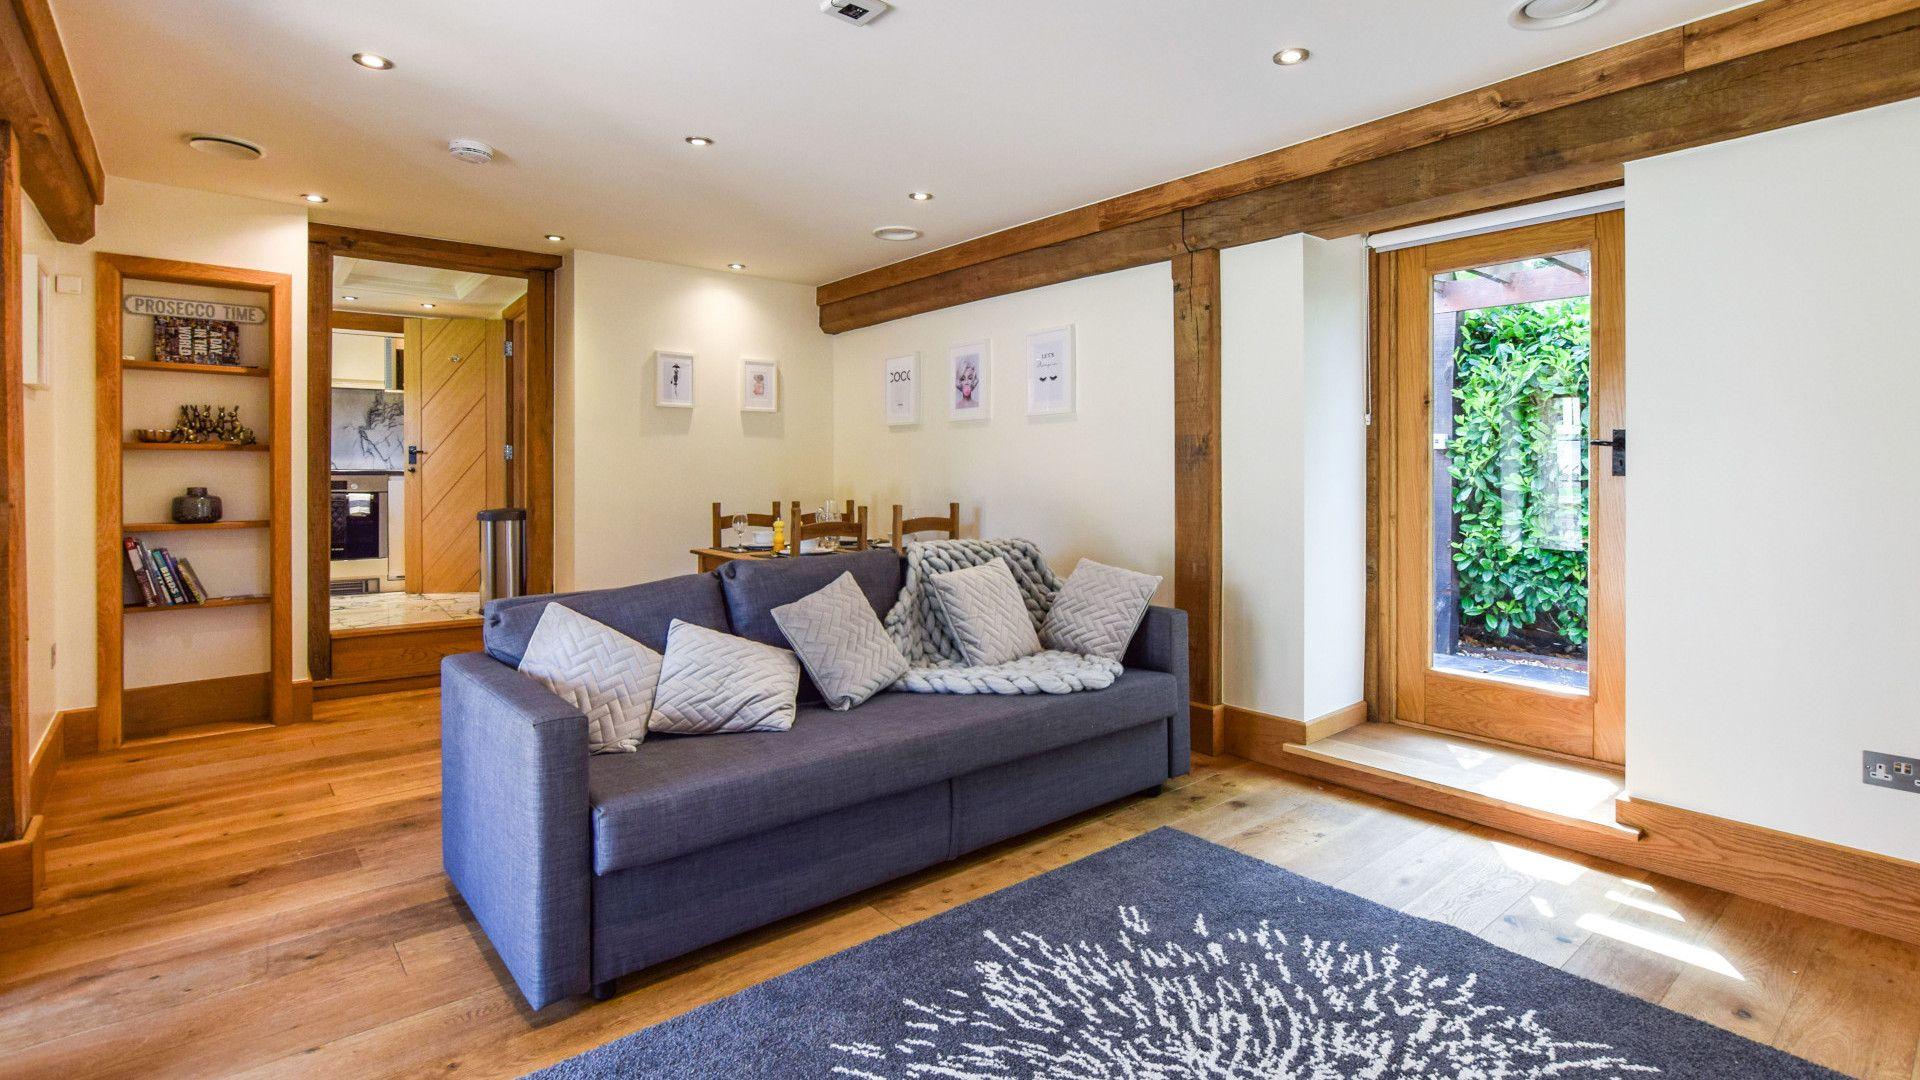 Annexe living room, Old Oak House, Bolthole Retreats